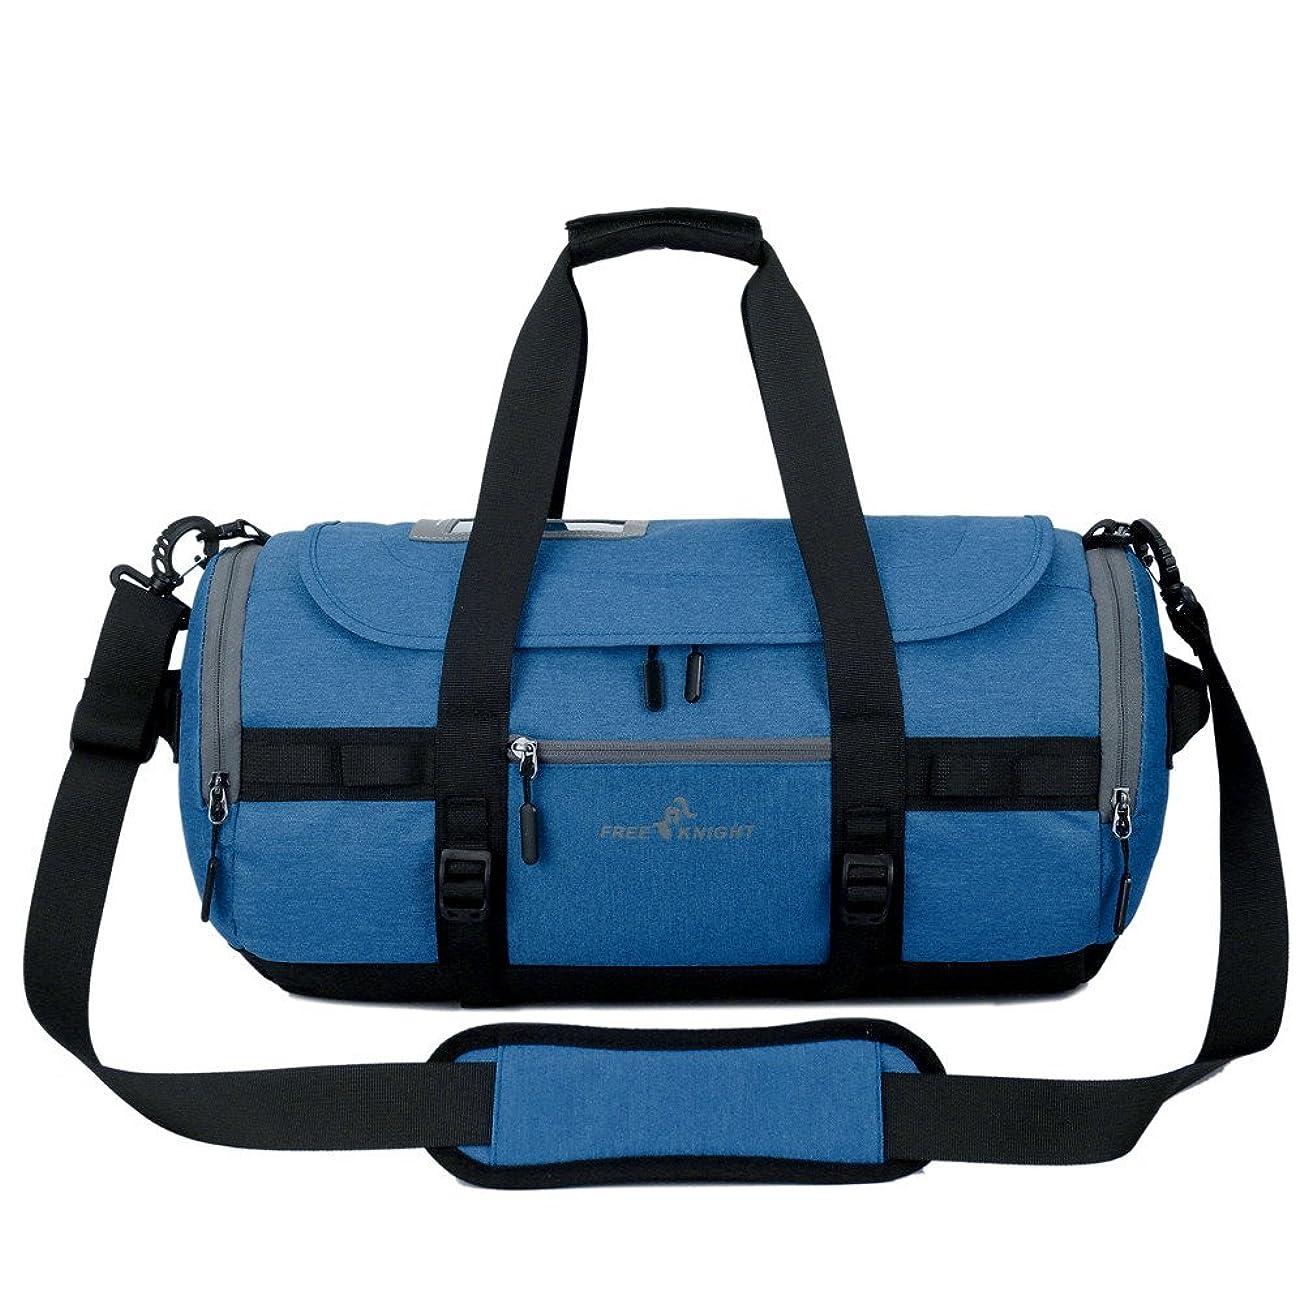 強制契約外国人スポーツバッグ 大容量 INorton 旅行バッグ トラベルバッグ 軽量 耐久性 斜め掛け 手提げ シューズ収納 男女兼用 旅行 出張用ボストンバッグ